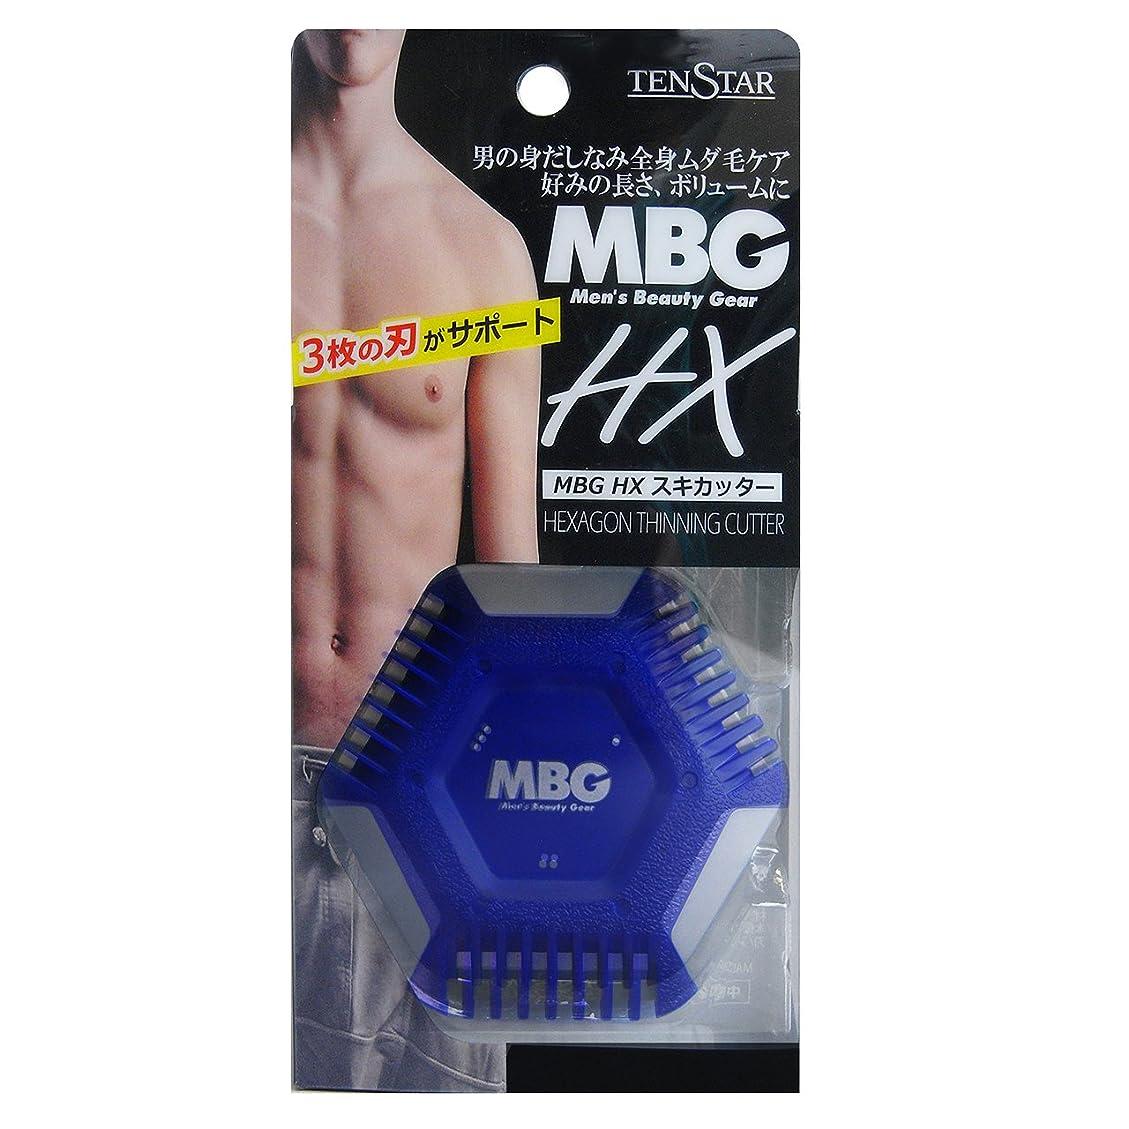 ビバスリチンモイくつろぐMBG HX スキカッター 1個入